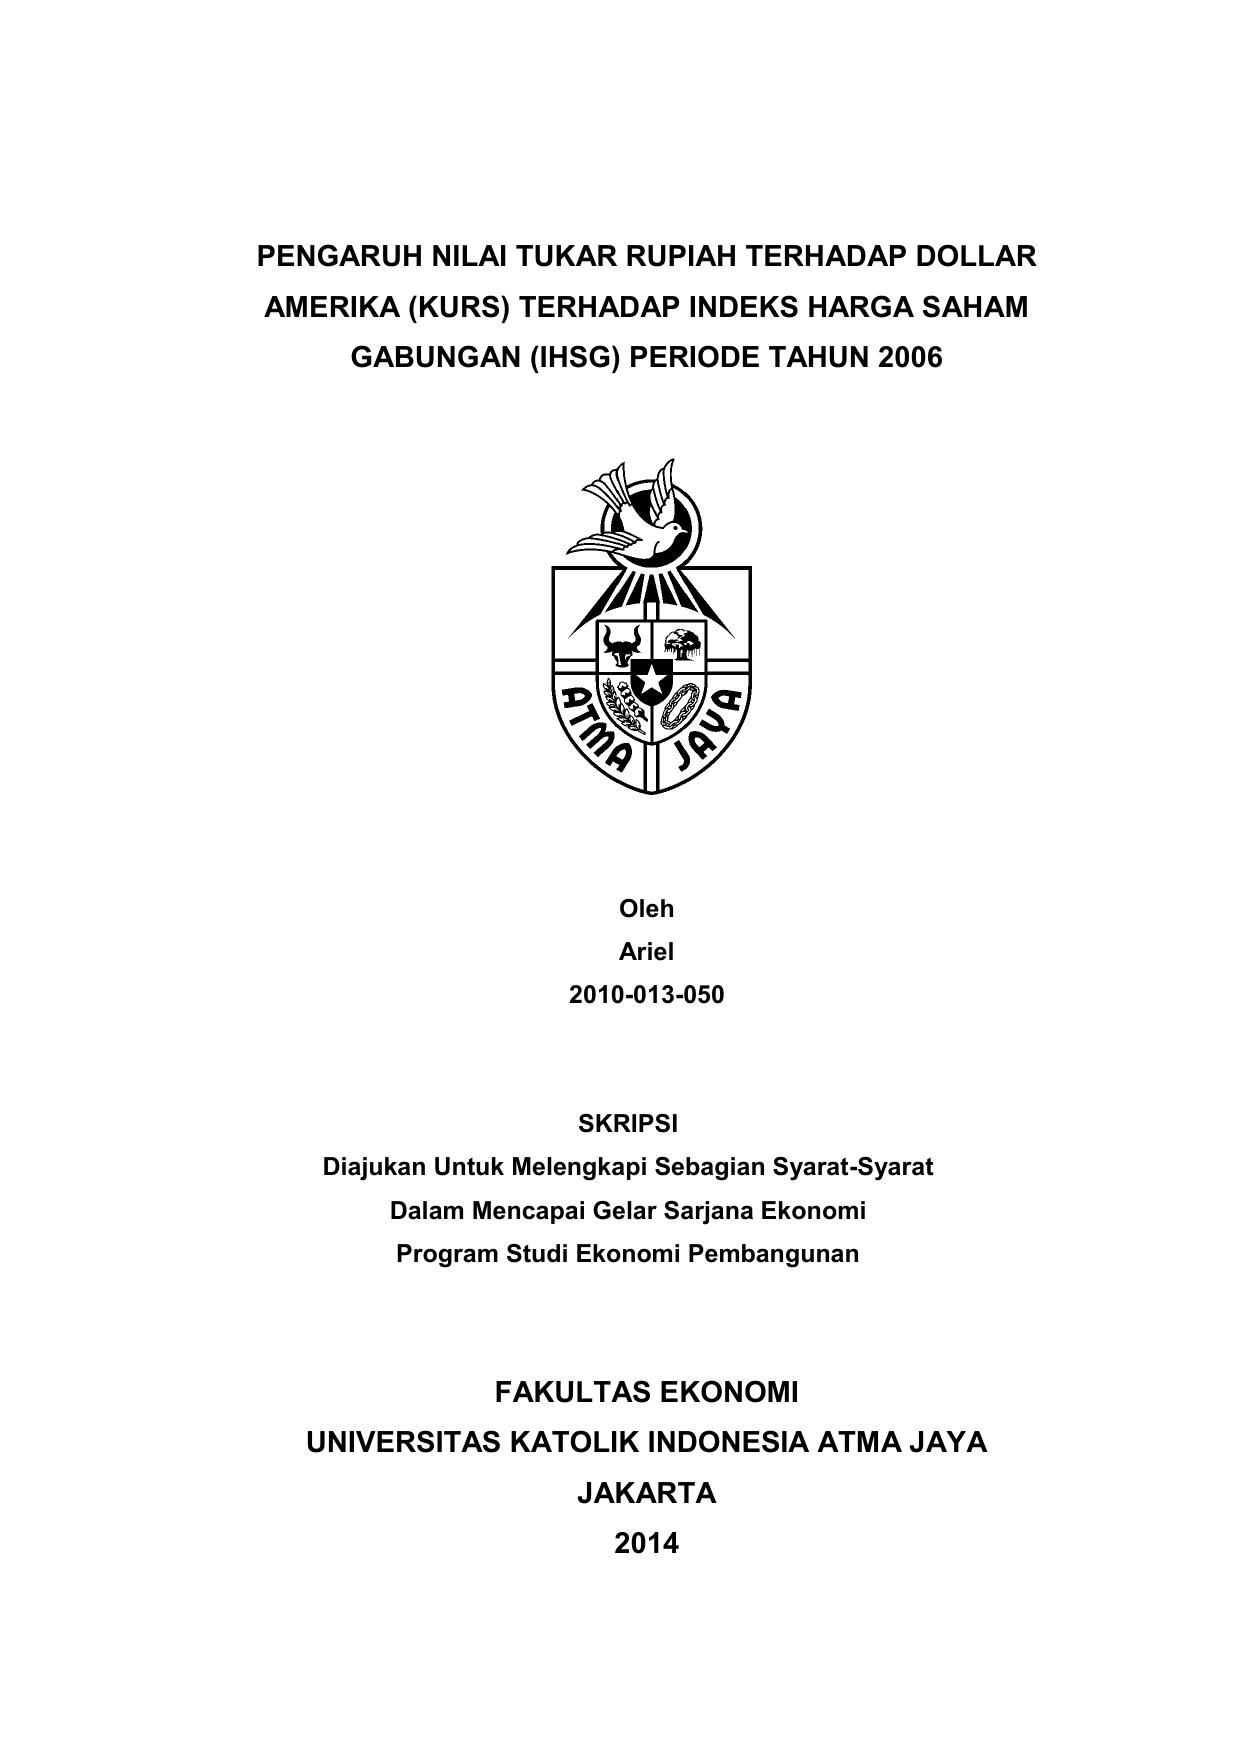 Cover Skripsi Khusus Prodi Ekonomi Pembangunan